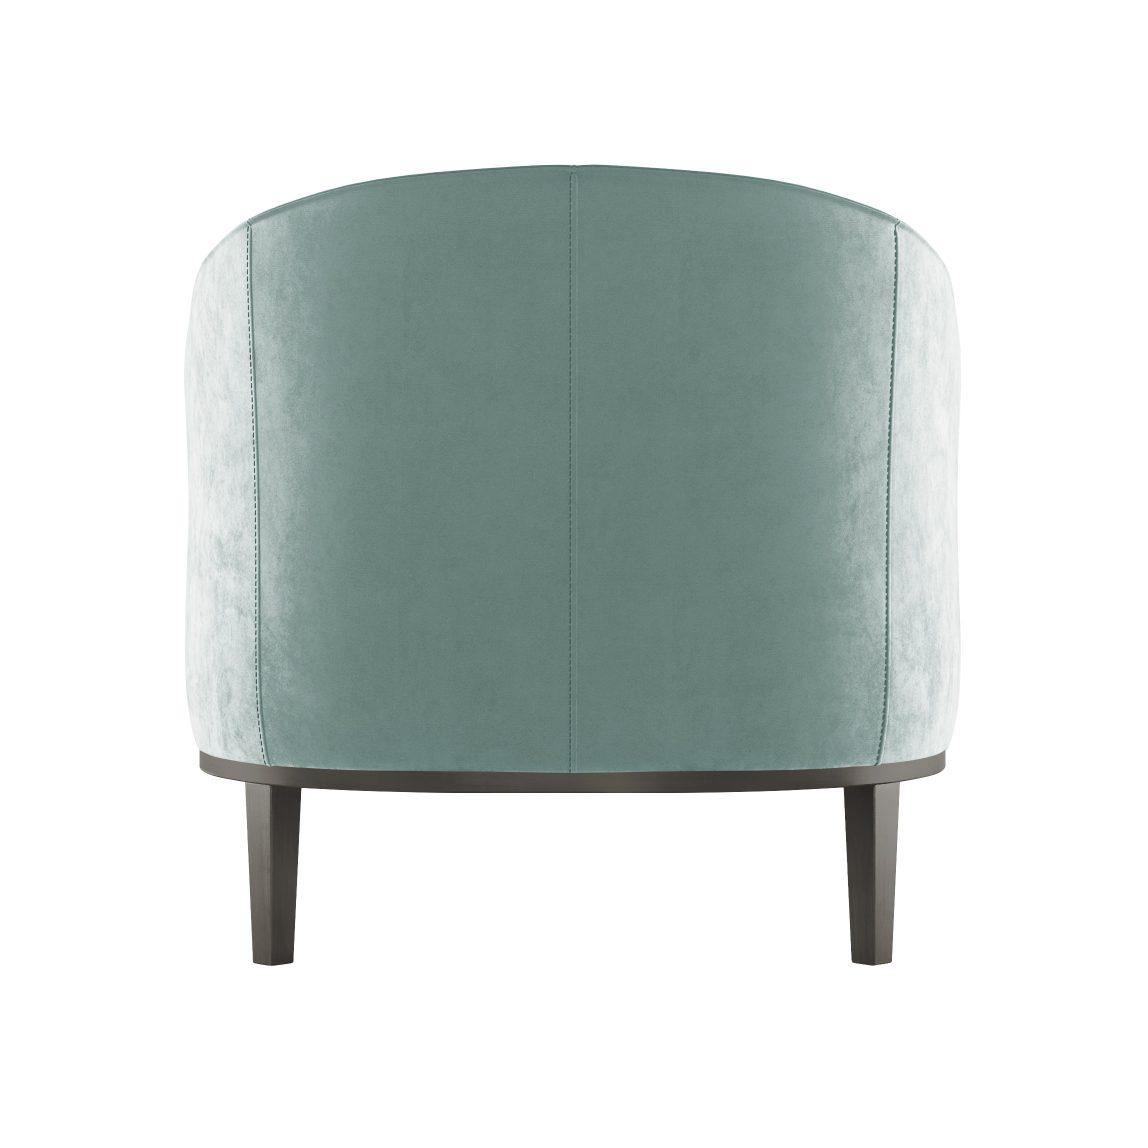 дизайнерское мягкое кресло со спинкой